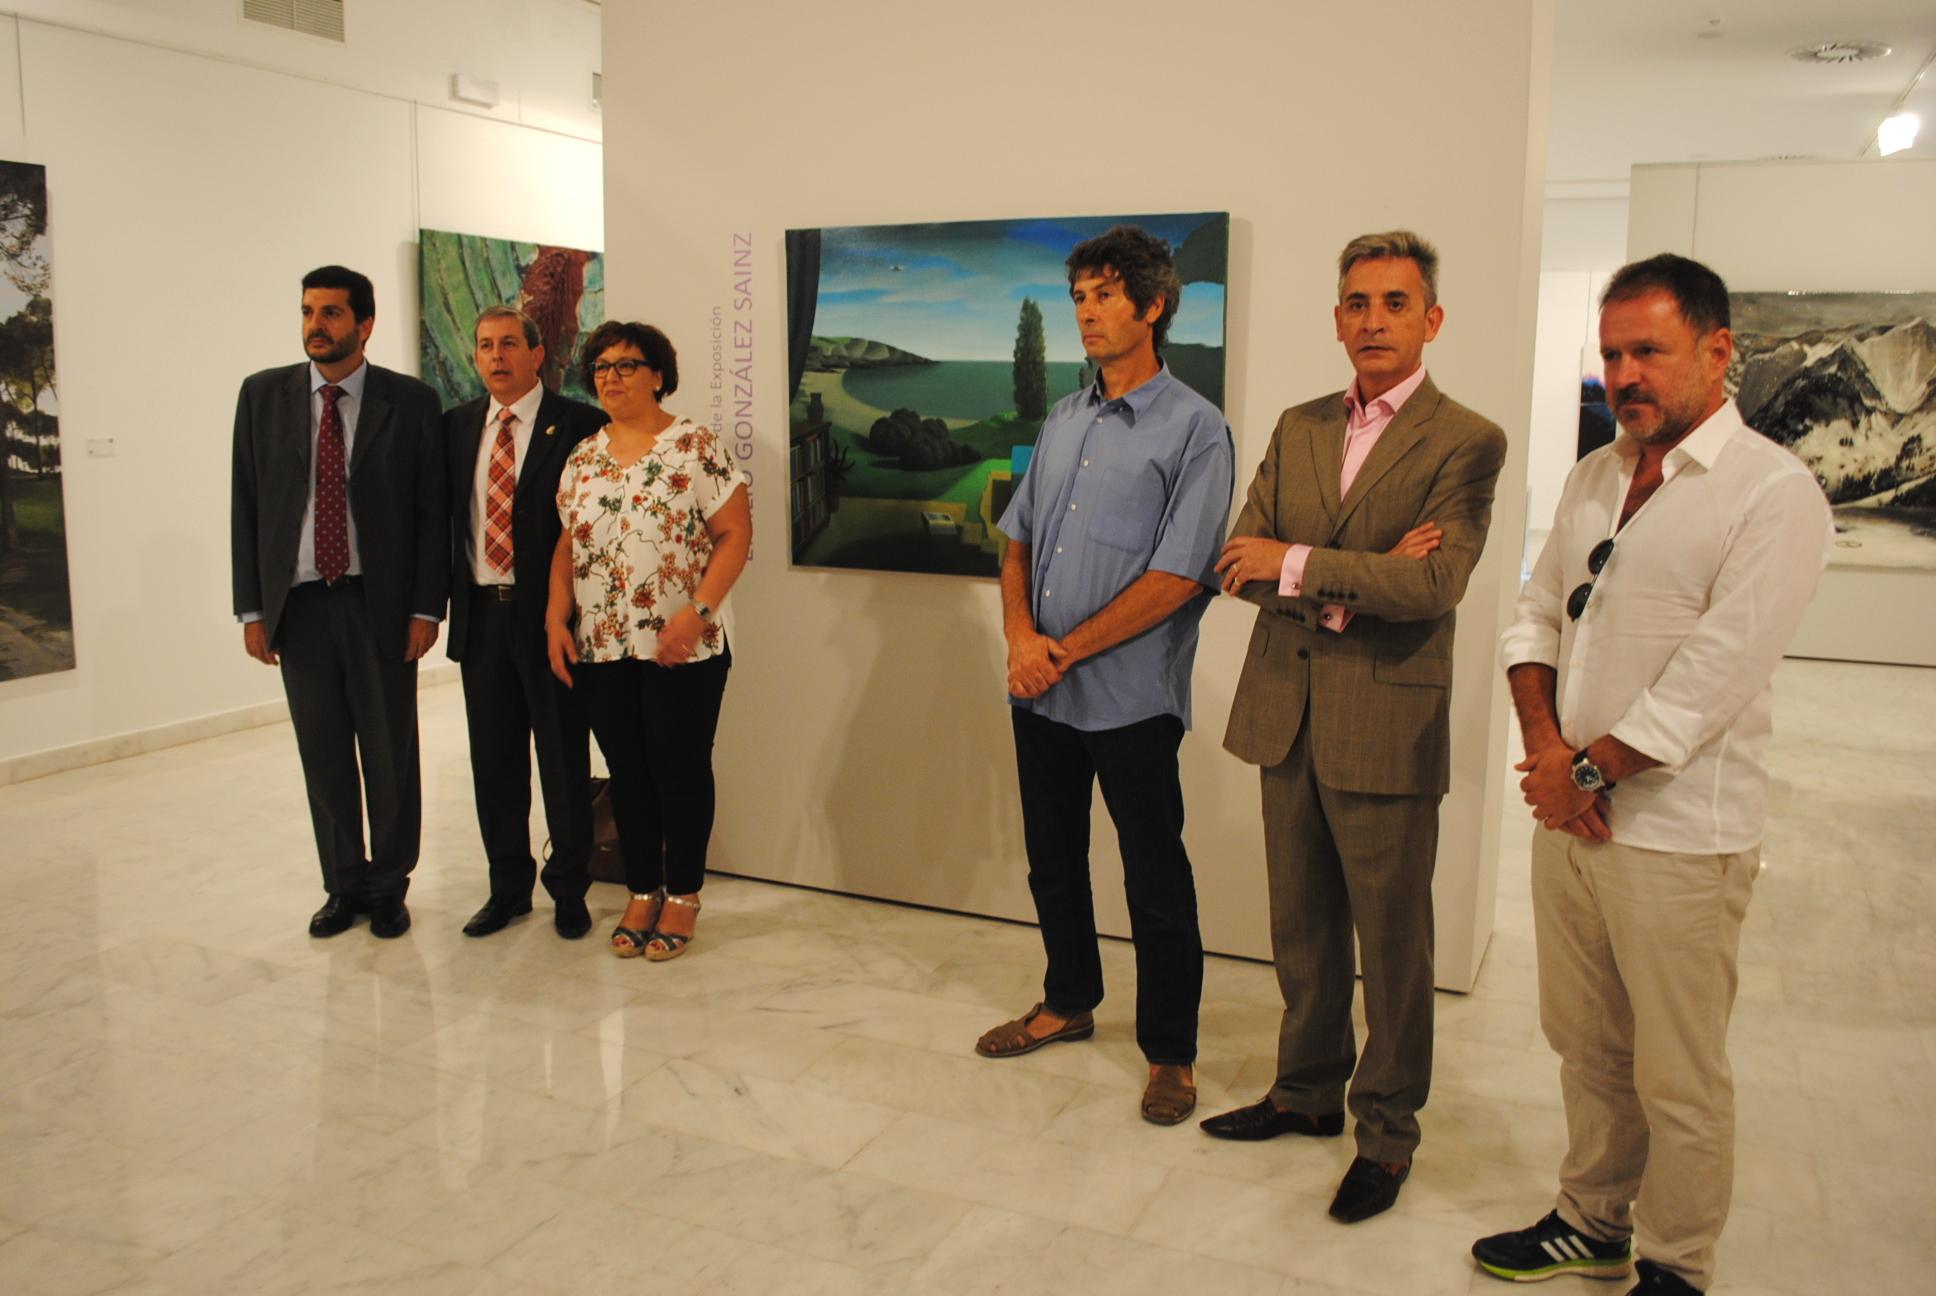 La 76 Exposición Internacional de Artes Plásticas de Valdepeñas abre sus puertas